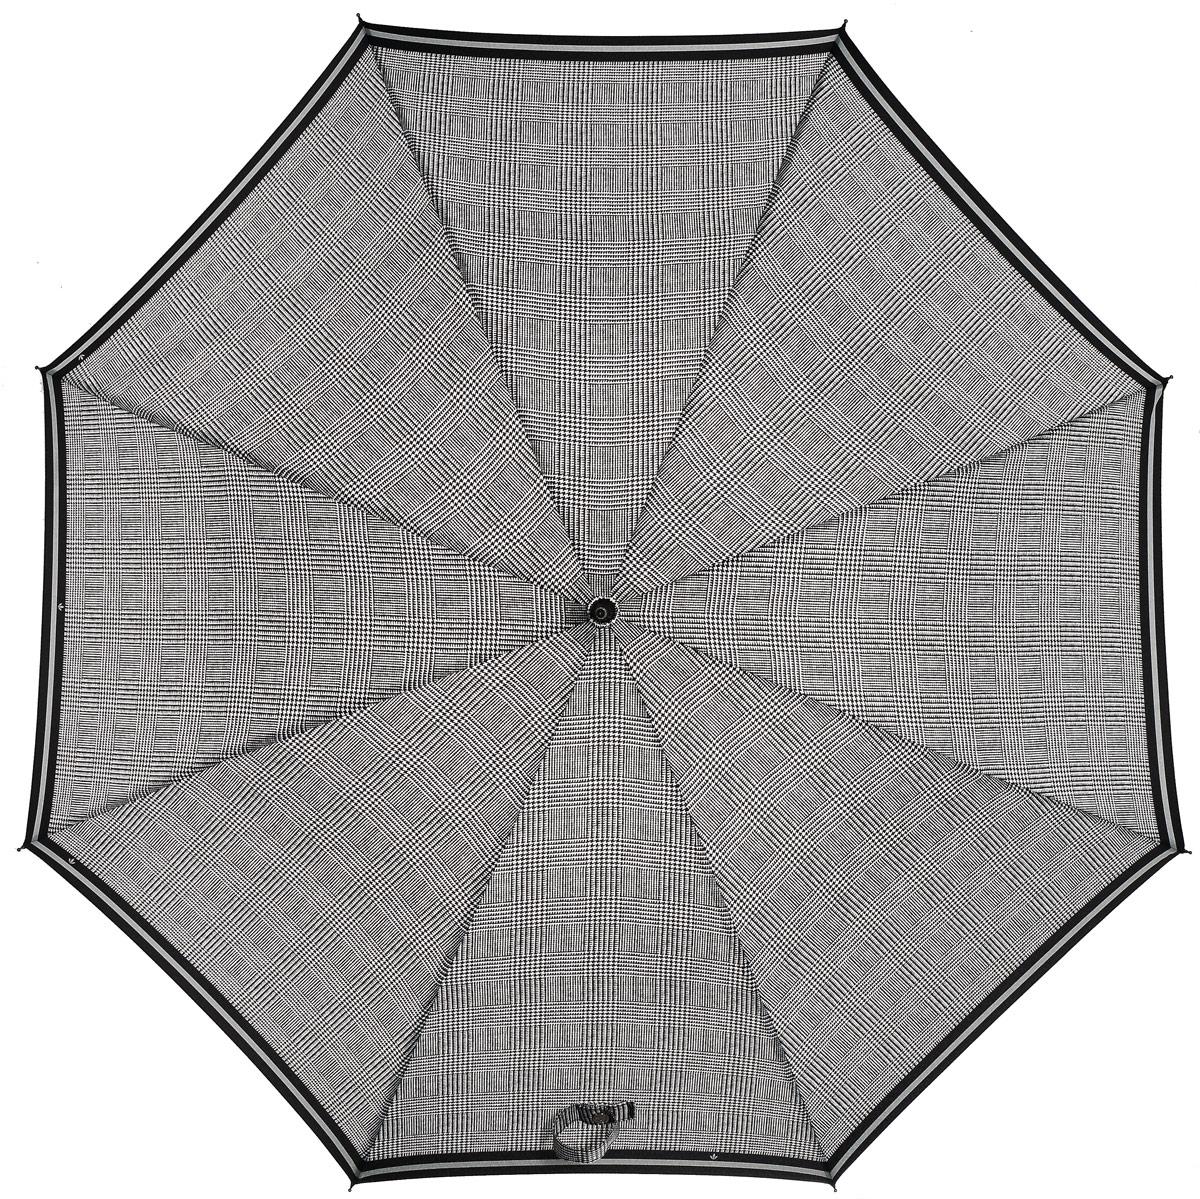 Зонт женский трость автомат Fulton, расцветка: гусиная лапка. L065-2244 PowStripeL065-2244 PowStripeСтильный зонт-трость, открывающийся нажатием кнопки. Большой купол. Спрочный, ветроустойчивый каркас из стали. Красивый фото-узор. Длина в сложенном виде 80 см, диаметр купола 94 см.